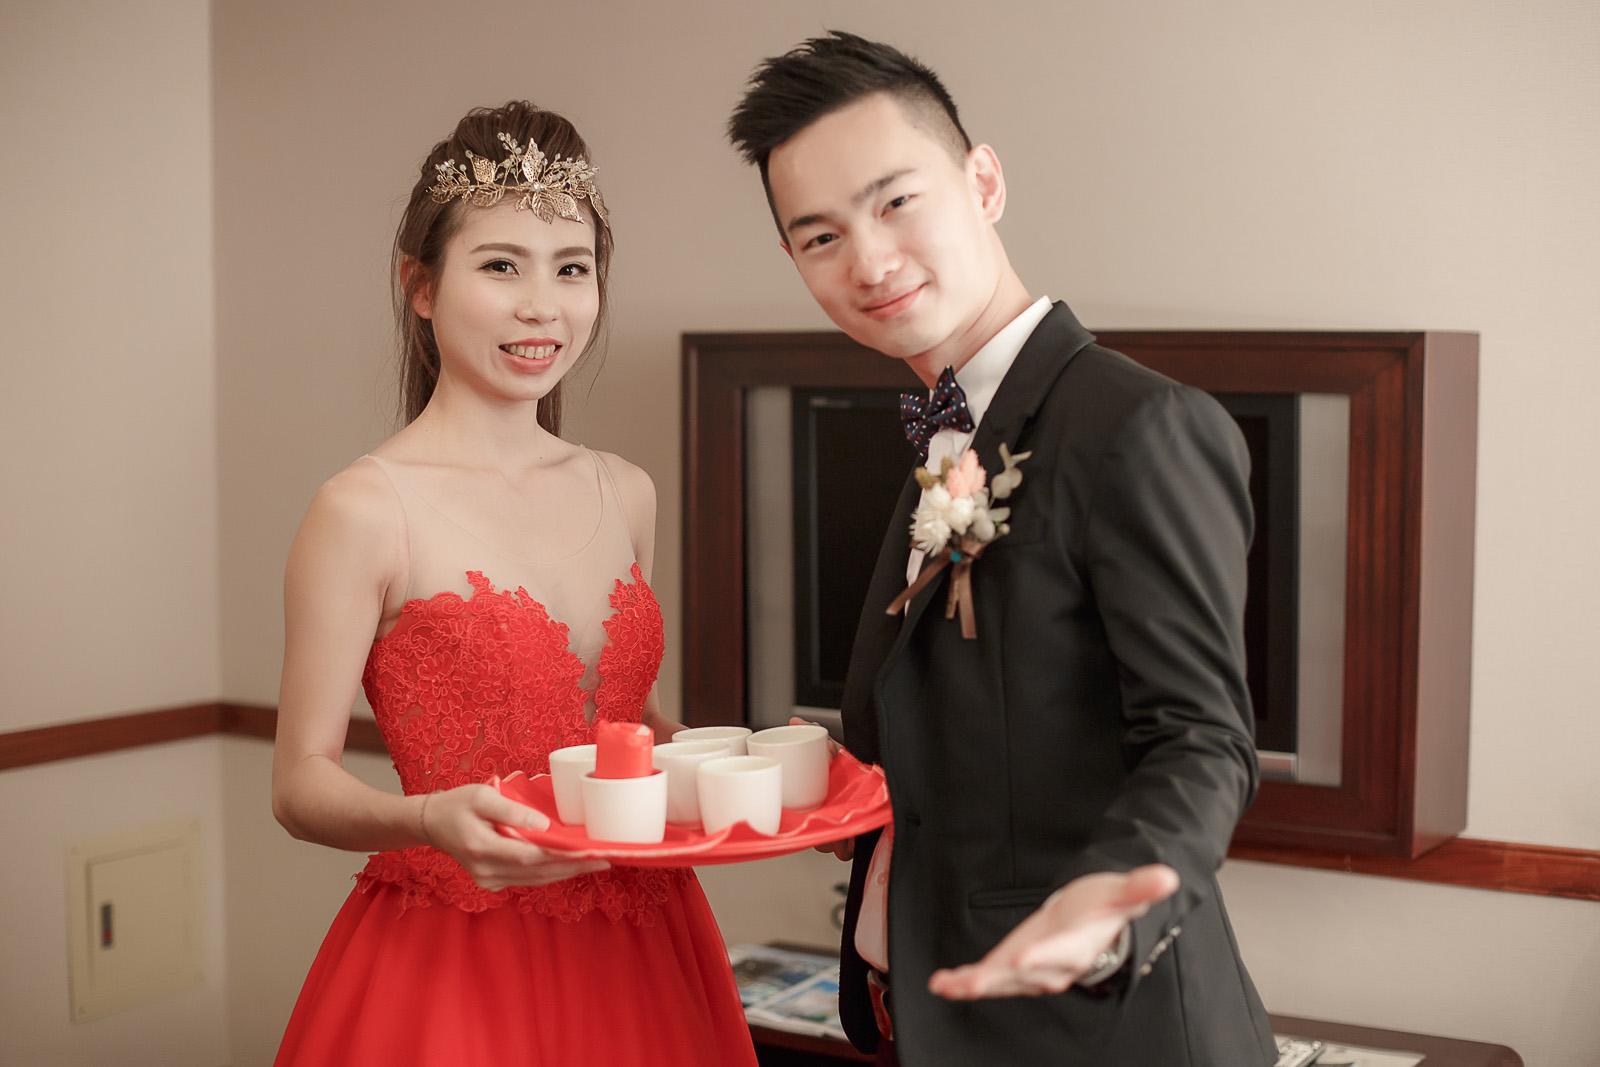 高雄圓山飯店,婚禮攝影,婚攝,高雄婚攝,優質婚攝推薦,Jen&Ethan-028